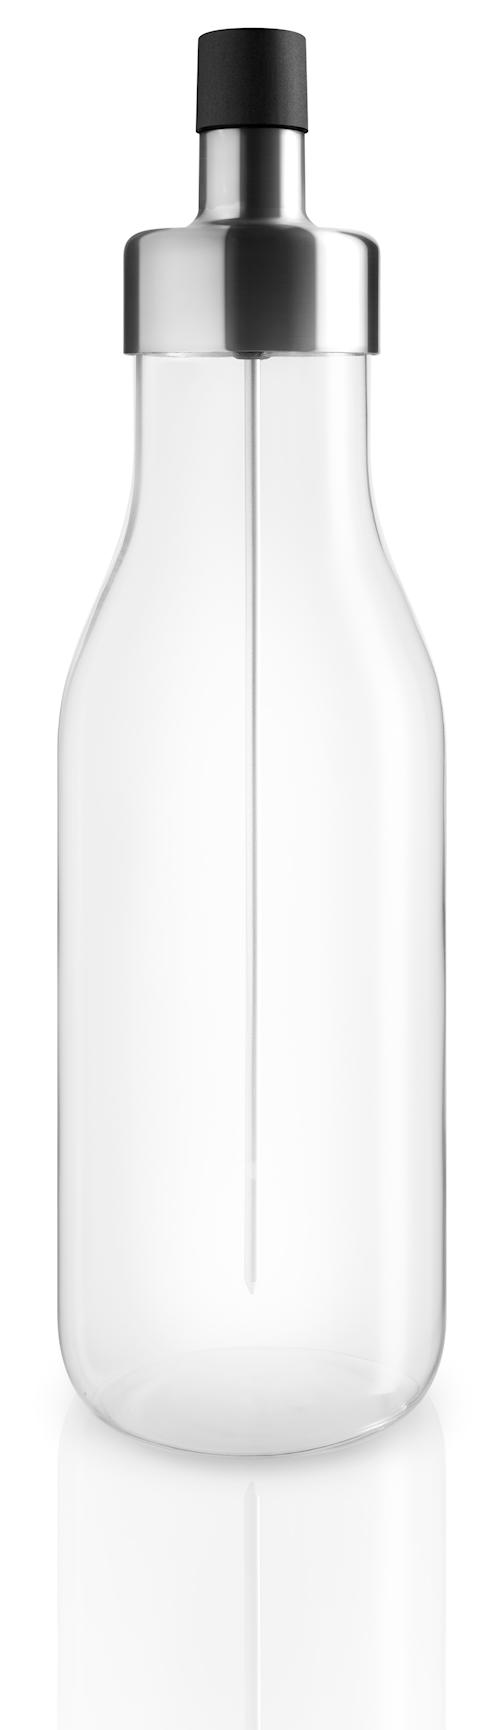 Oliekaraffel MyFlavour 0,5 L